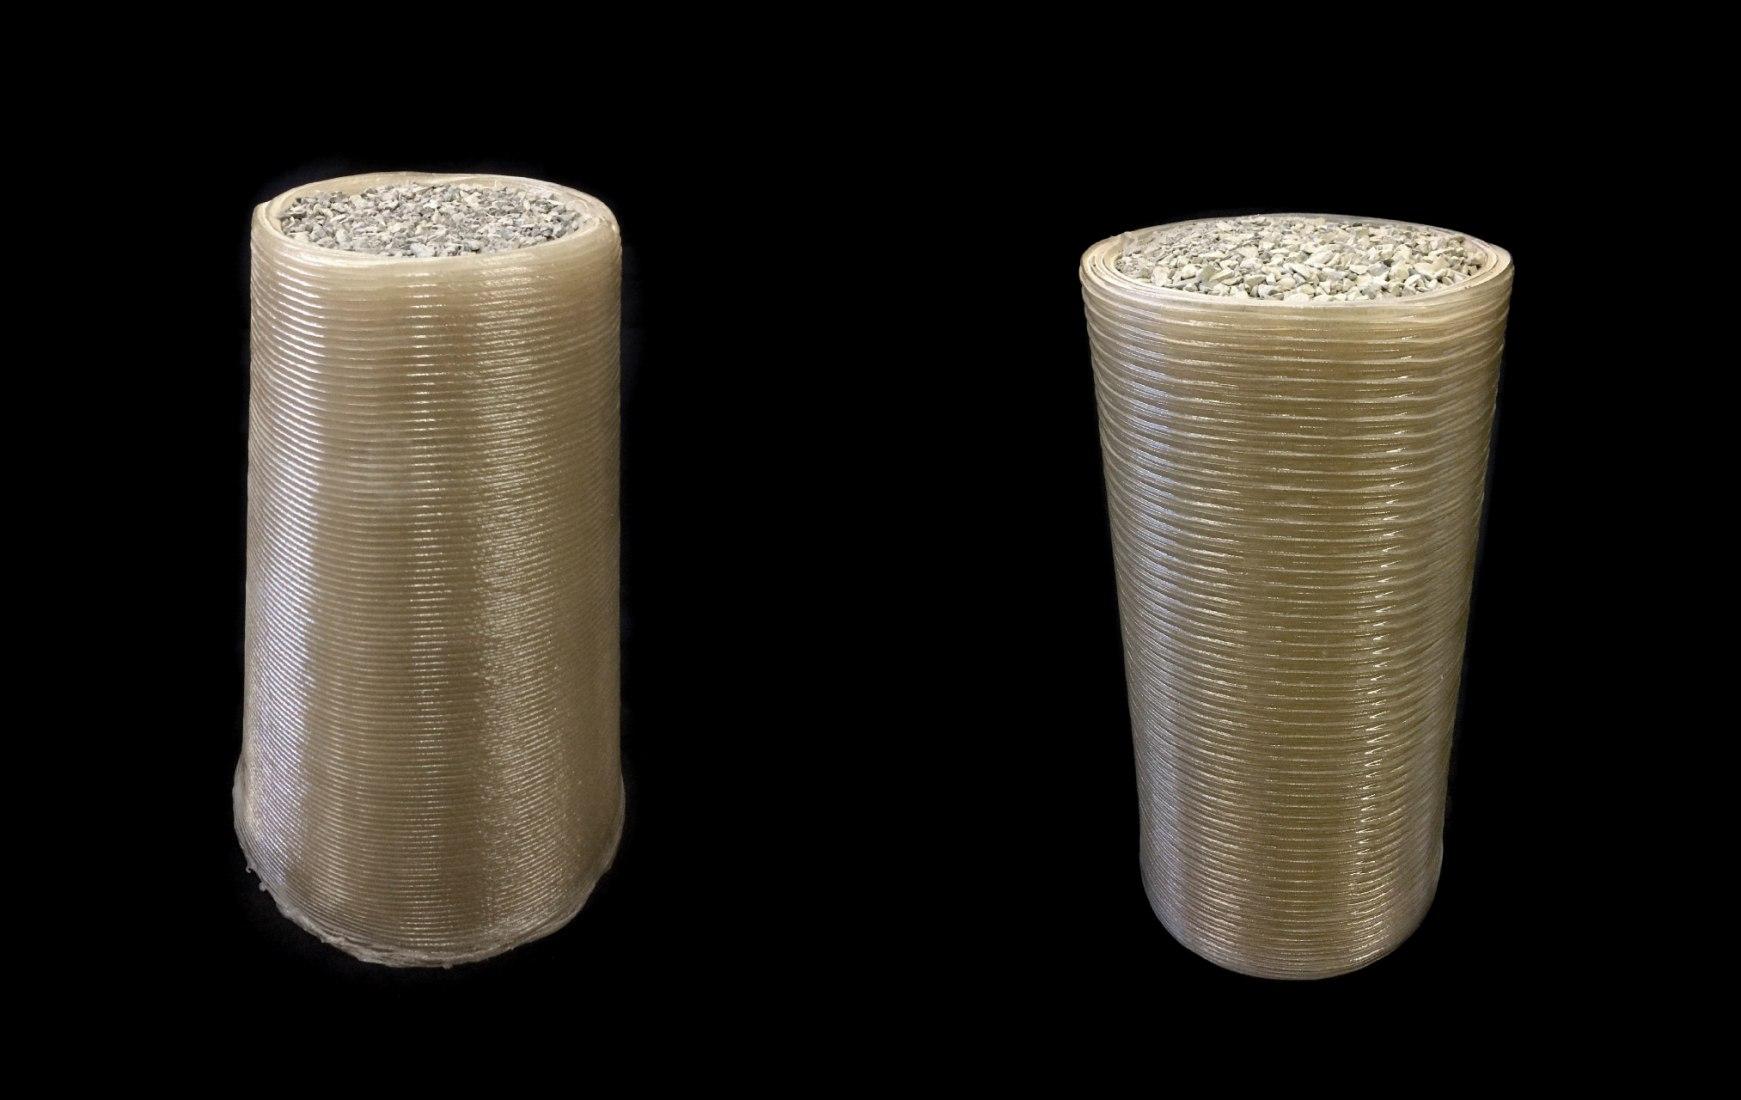 Los conos fueron impresos en 3D por Foster + Partners | Branch Technology para el Nivel 2, de la 1ª fase, test de compresión del Concurso de Hábitat Impreso en 3D de la NASA. Foster + Partners marcó el mayor número de puntos para esta etapa. Imagen cortesía de Foster + Stearns | Branch Technology